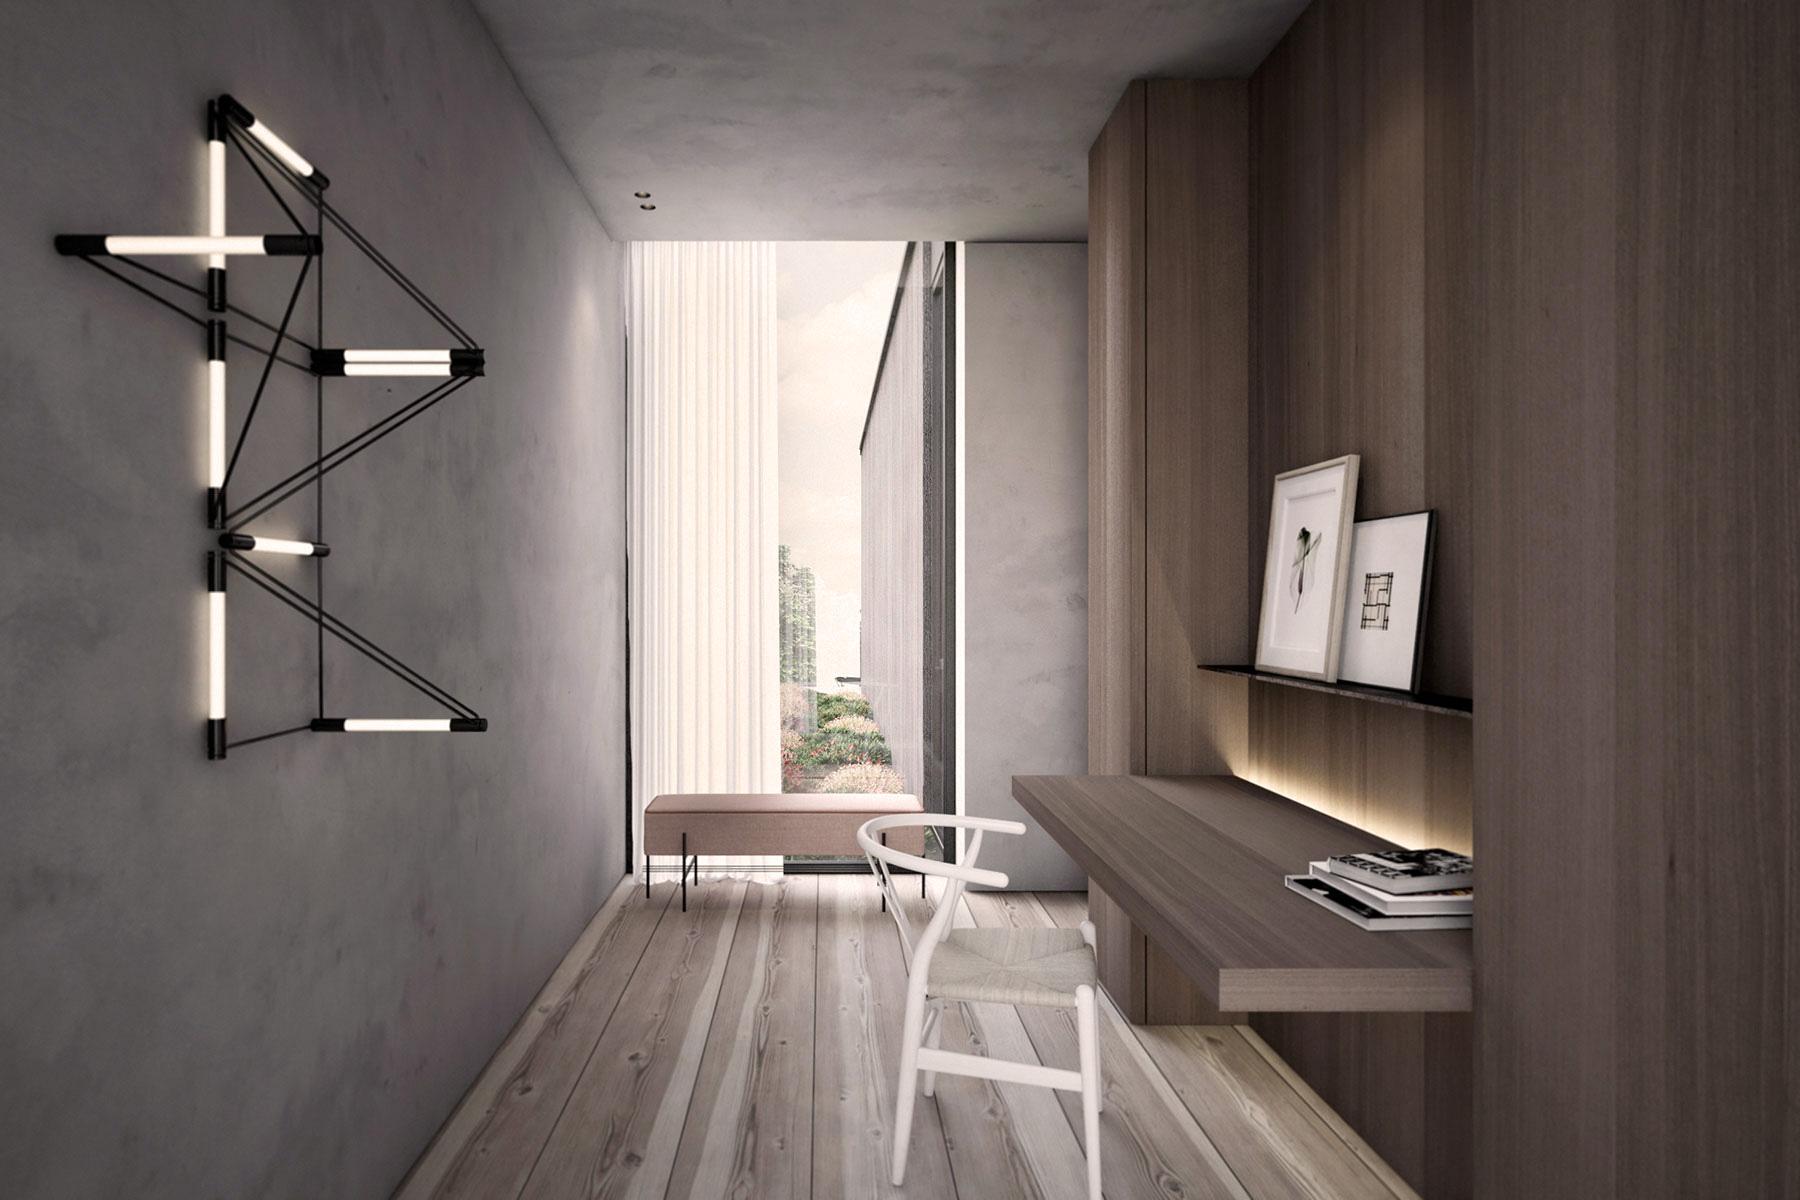 KERSTENS_ALB-Penthouse (8).jpg